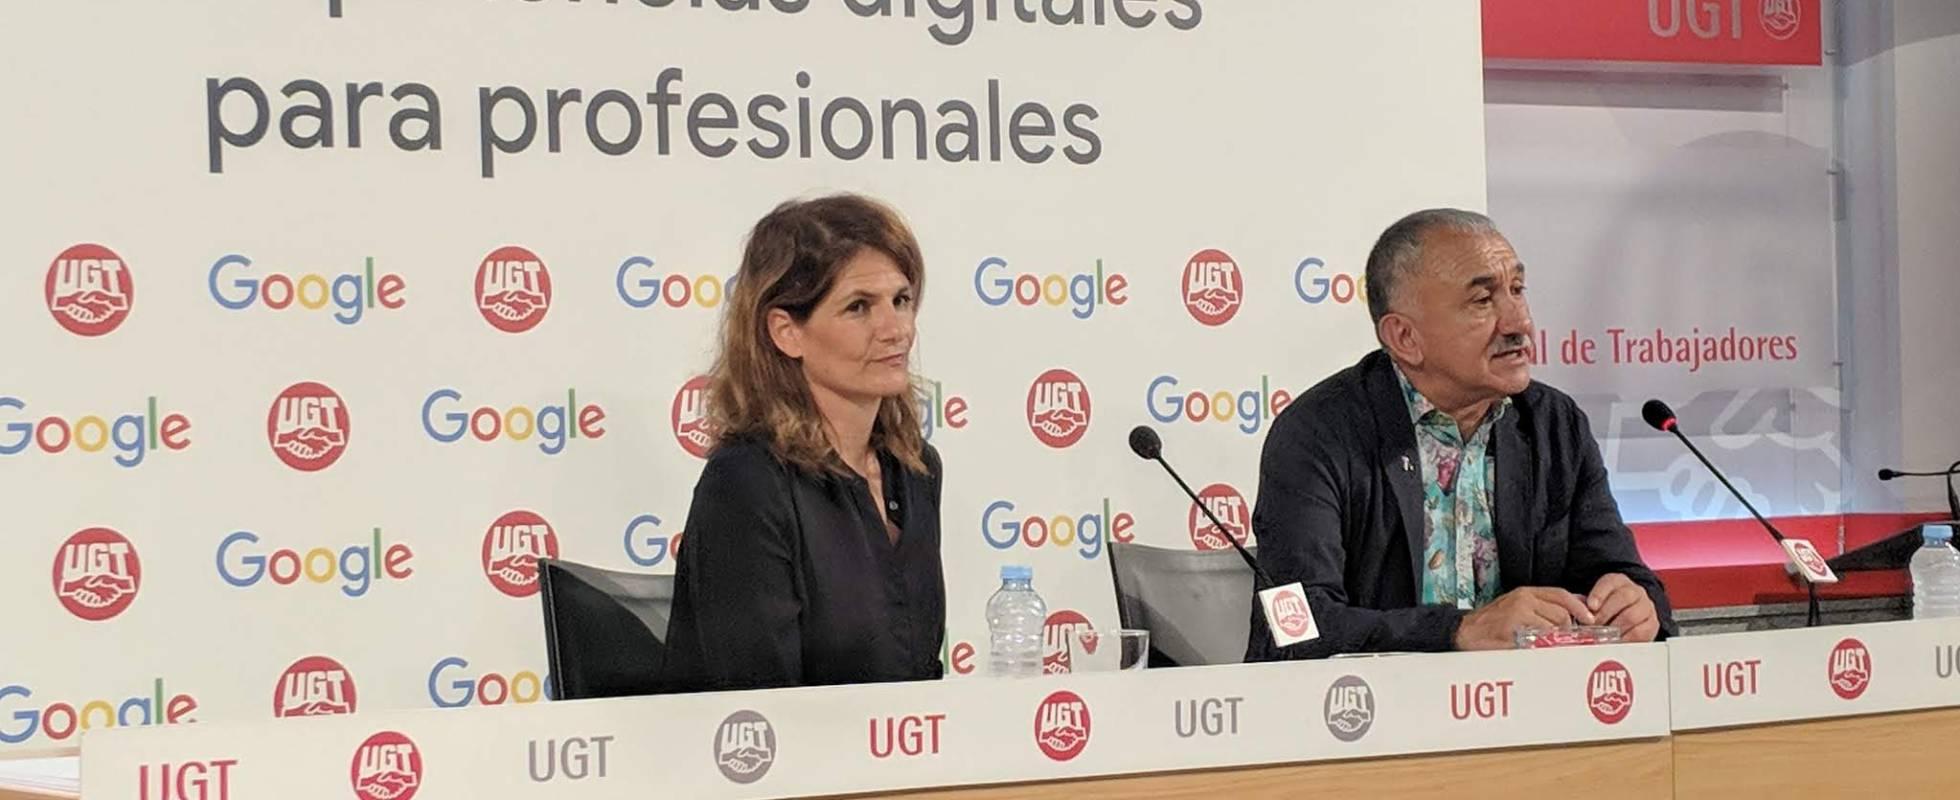 Google и Всеобщий союз трудящихся займутся ликвидацией цифровой безграмотности испанских работников